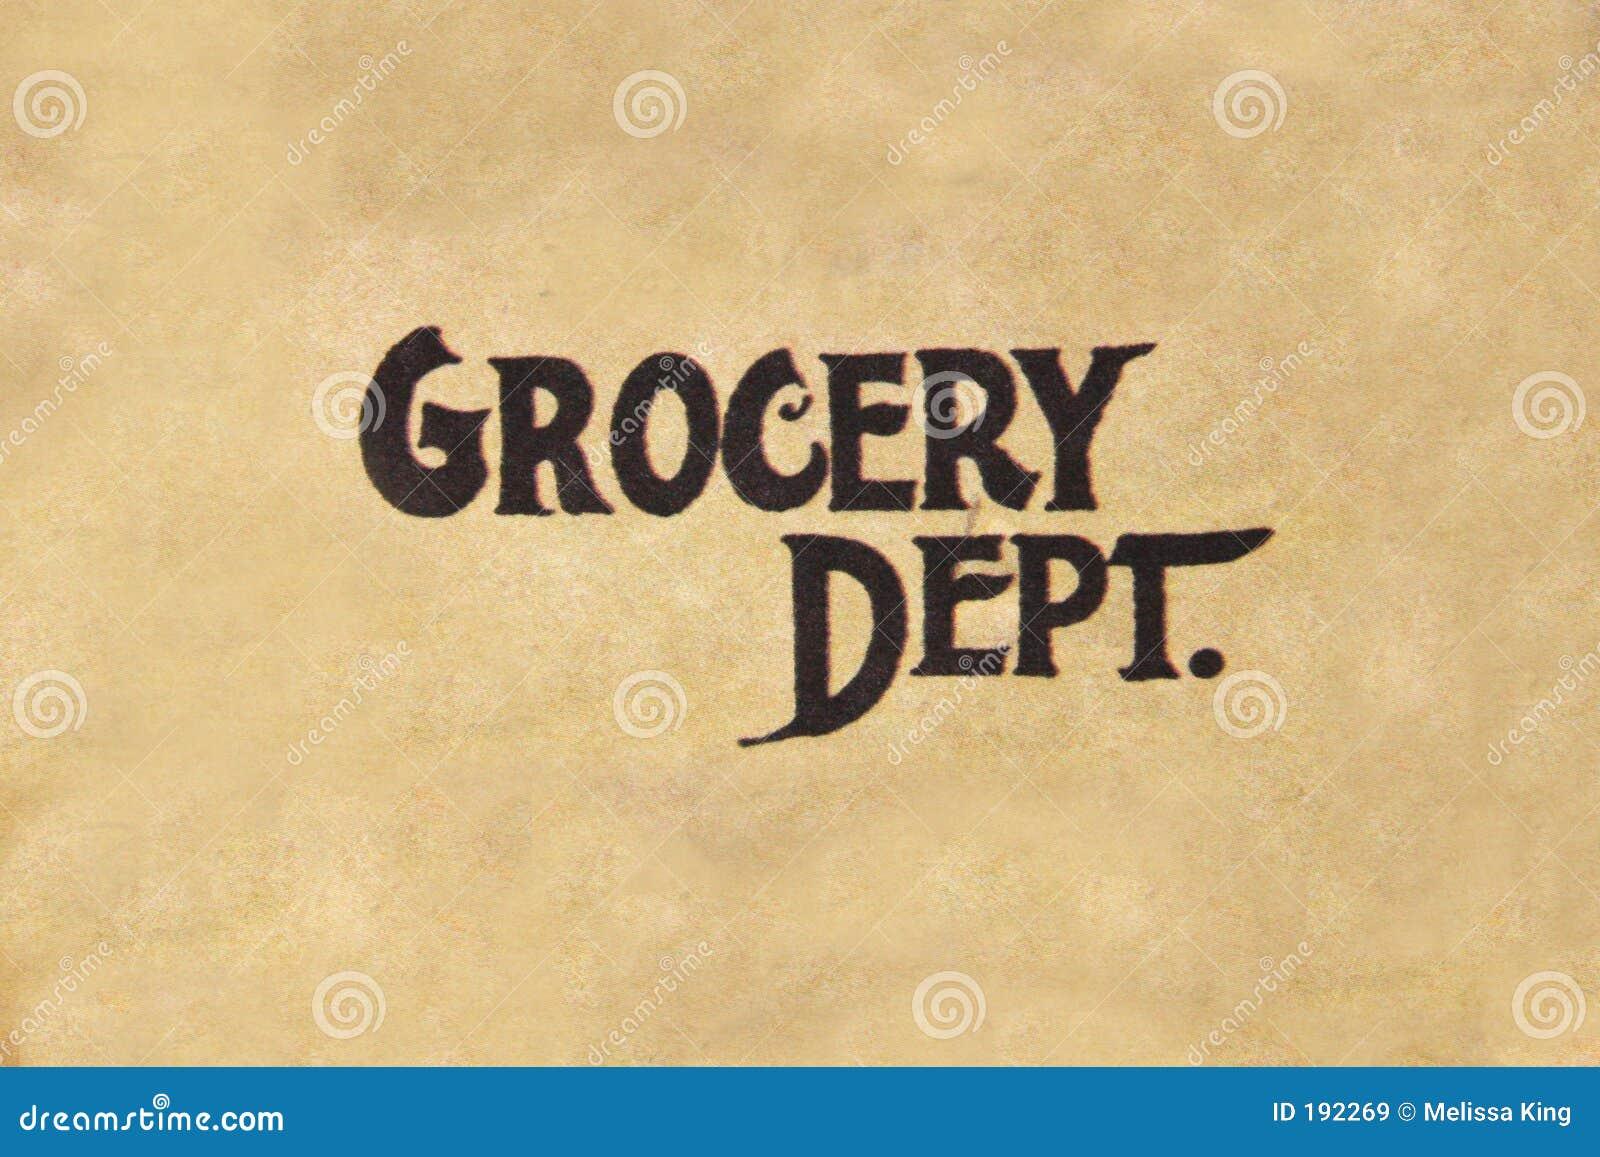 Departamento de la tienda de comestibles.